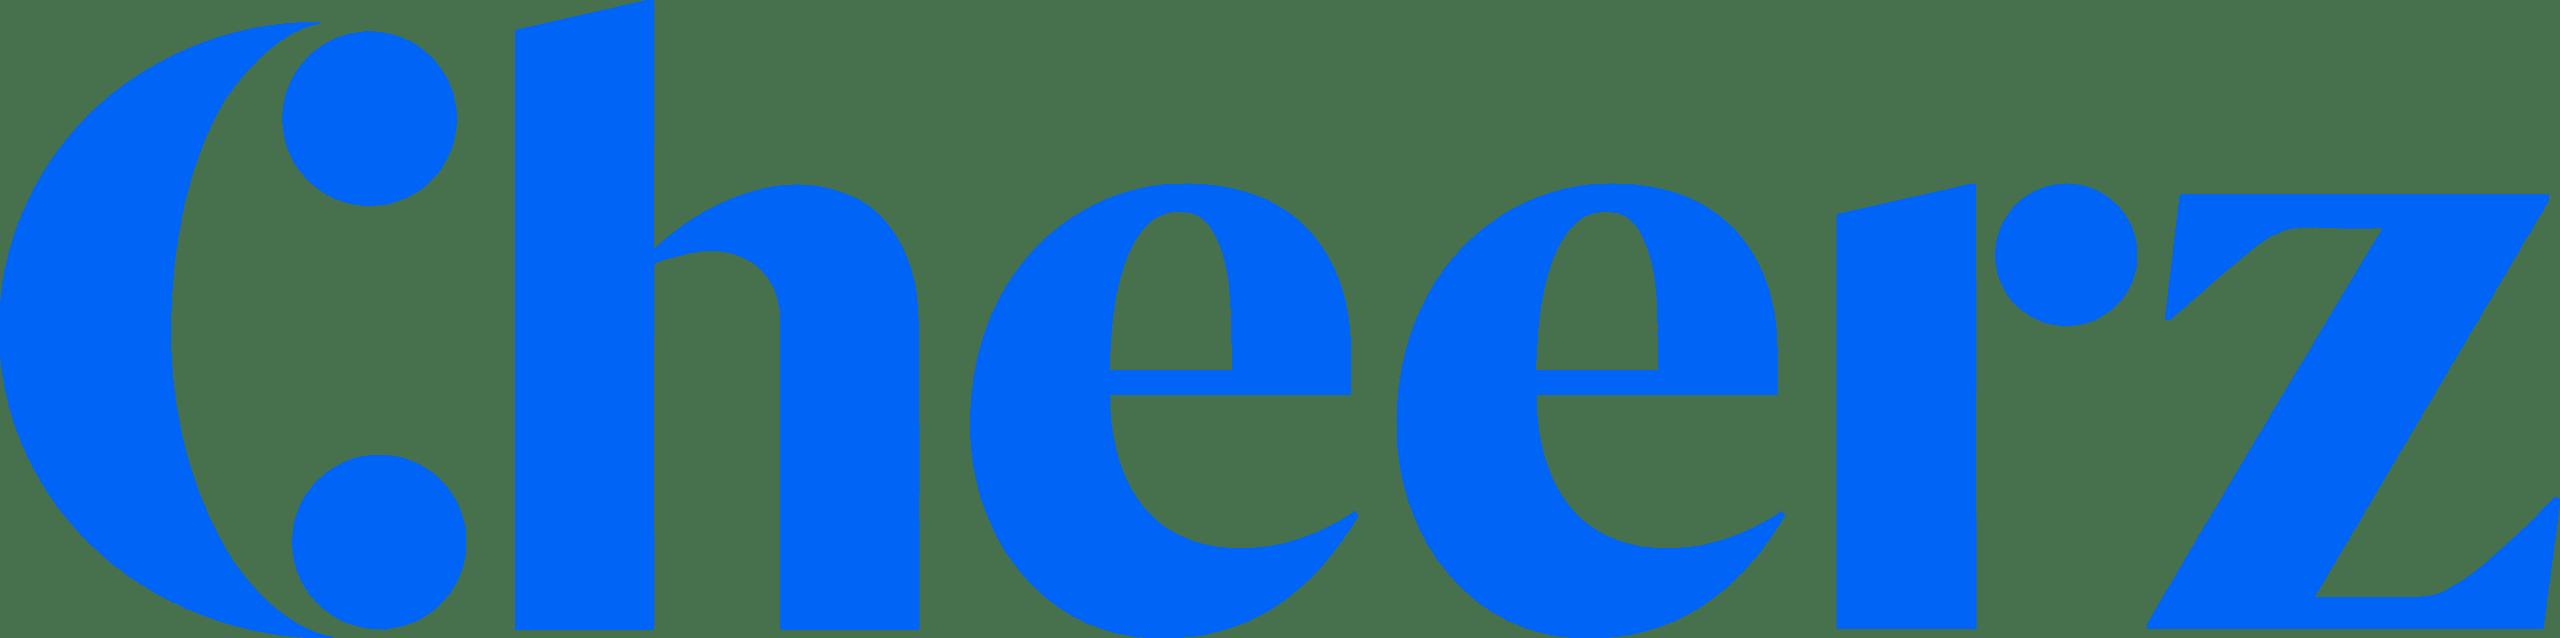 Cheerz: una nuova brand identity e nuovi prodotti thumbnail